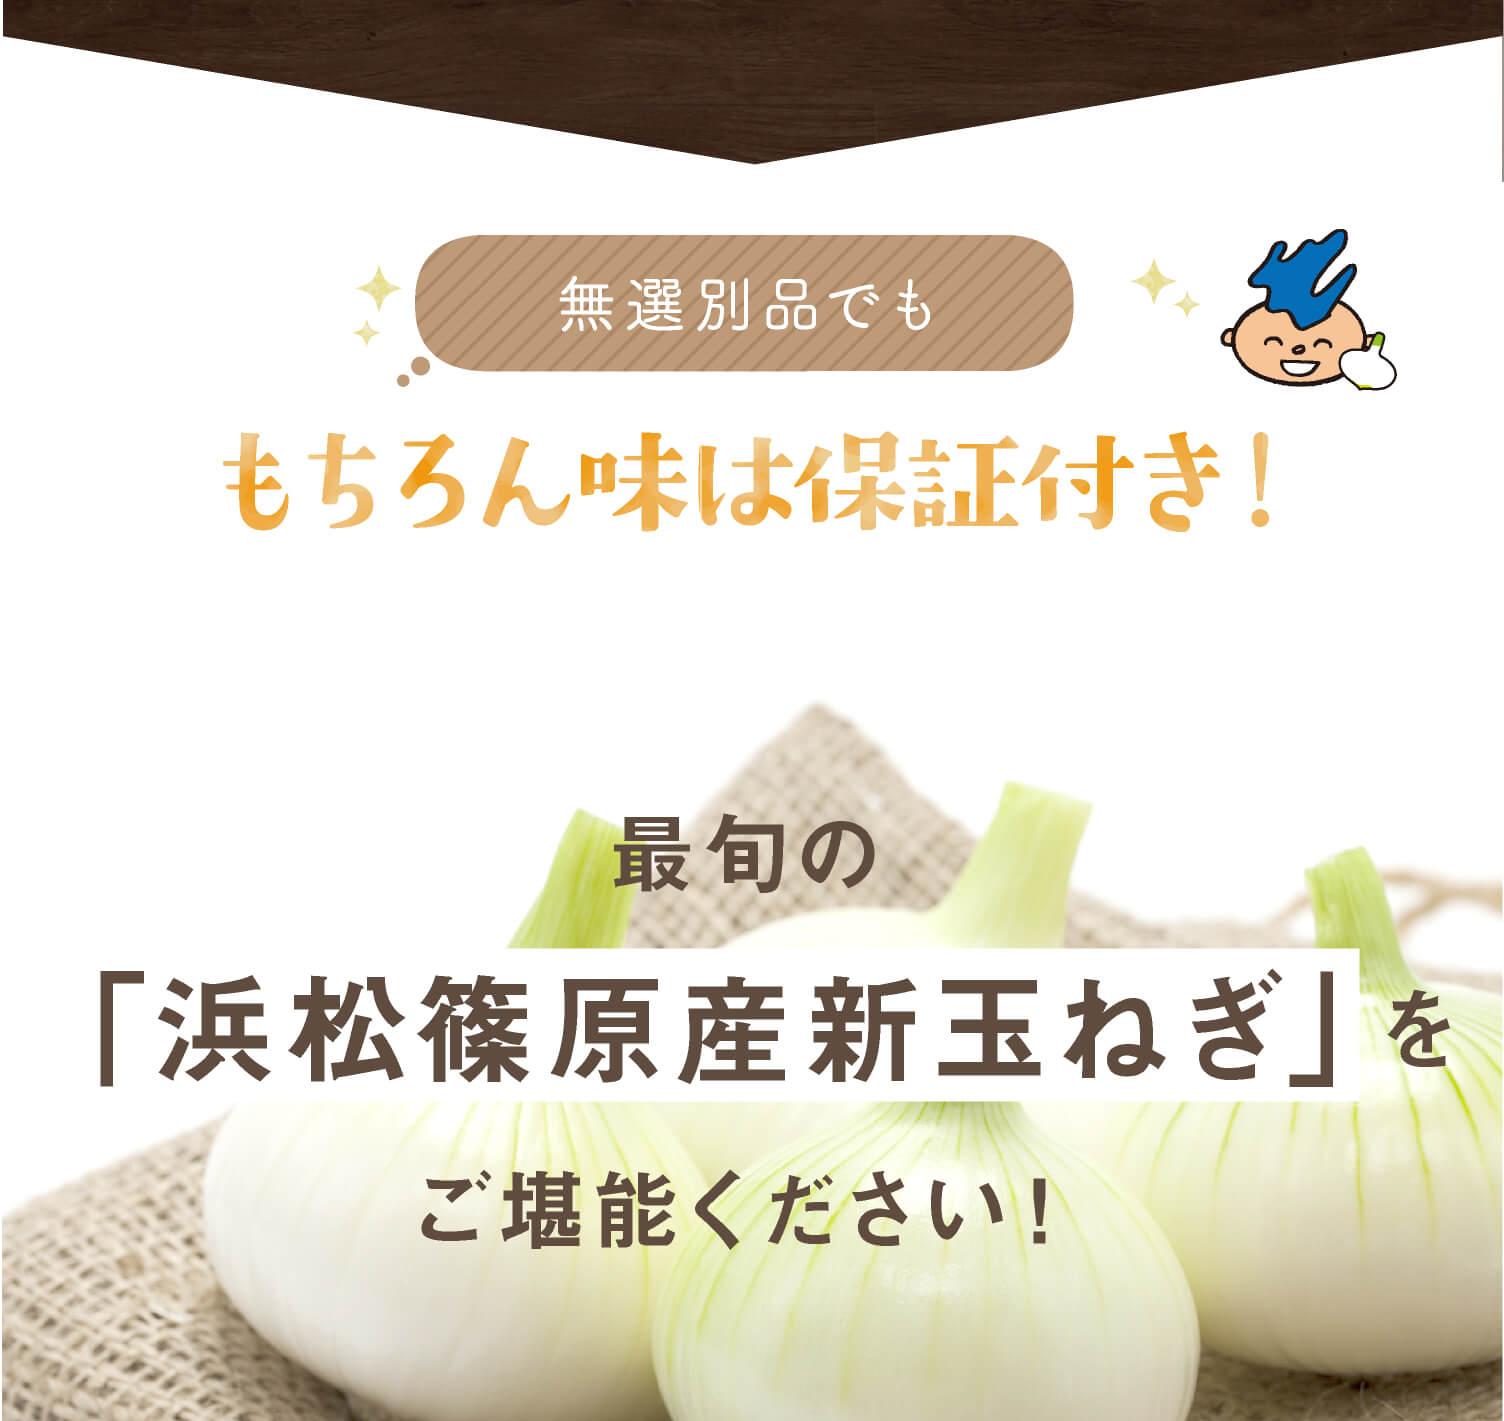 無選別品でももちろん味は保証付き!最旬の「浜松篠原新玉ねぎ」をご堪能ください!